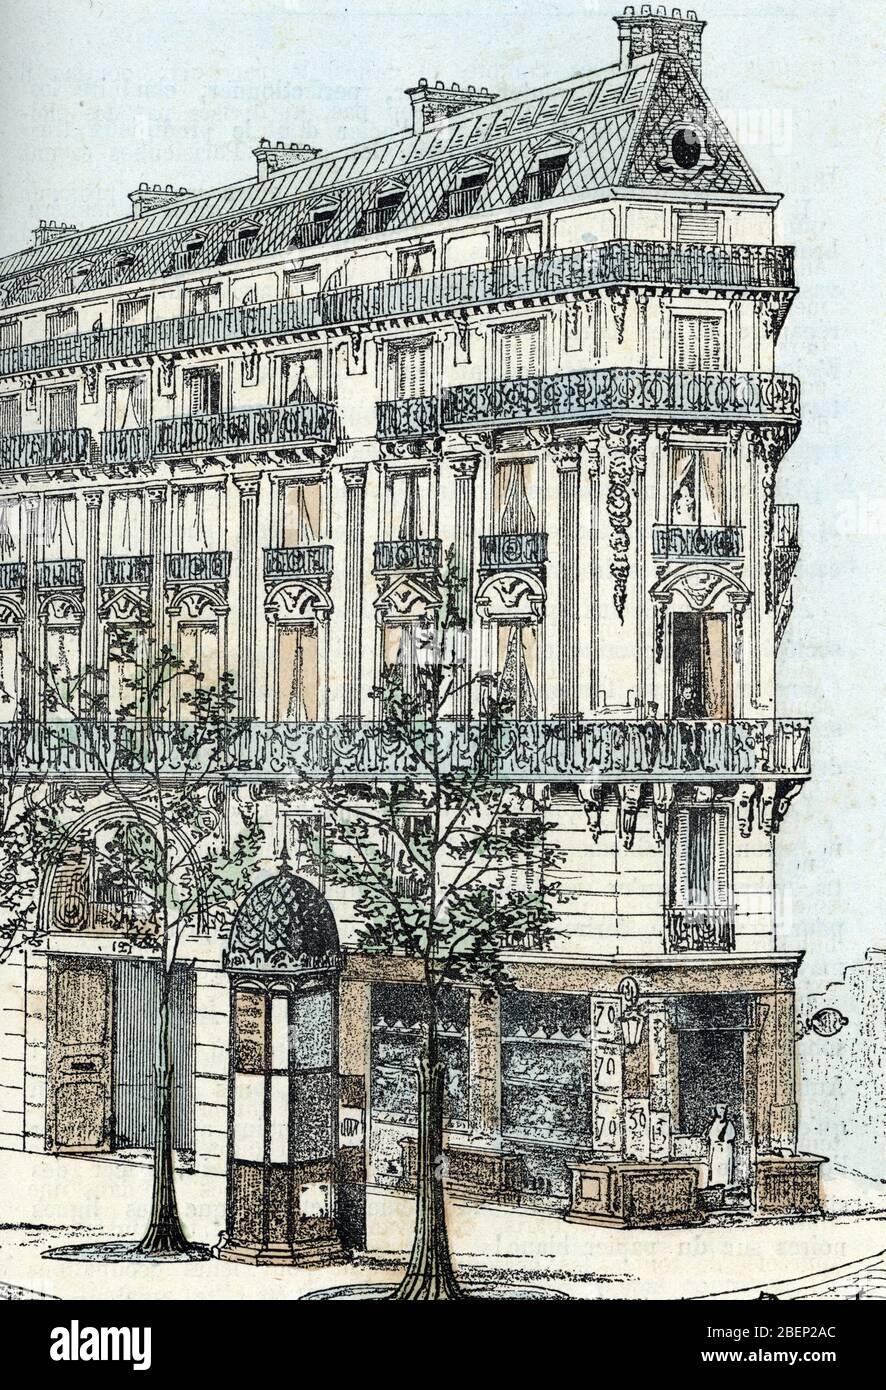 Vue d'une habitation parisina de tipo haussmannien, immeuble cossu (edificio Haussmann de París) Gravure tiree de 'Les besoins de la vie' de Rengade Foto de stock